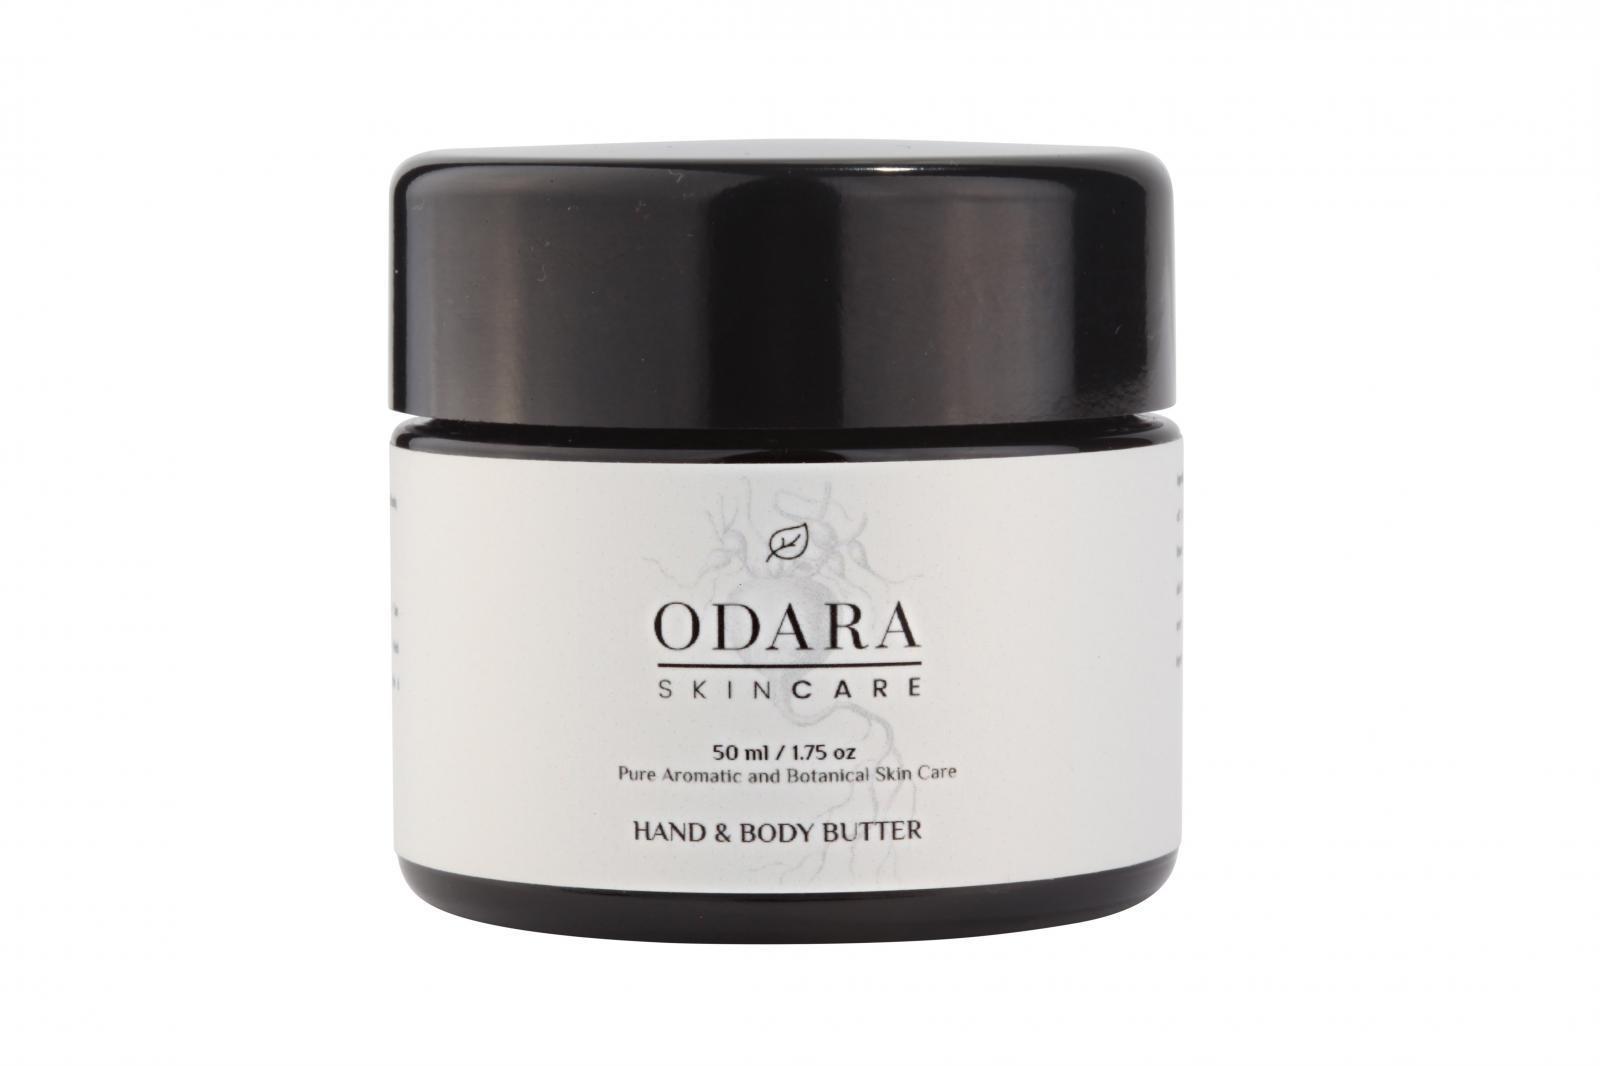 ODARA Hand & Body Butter